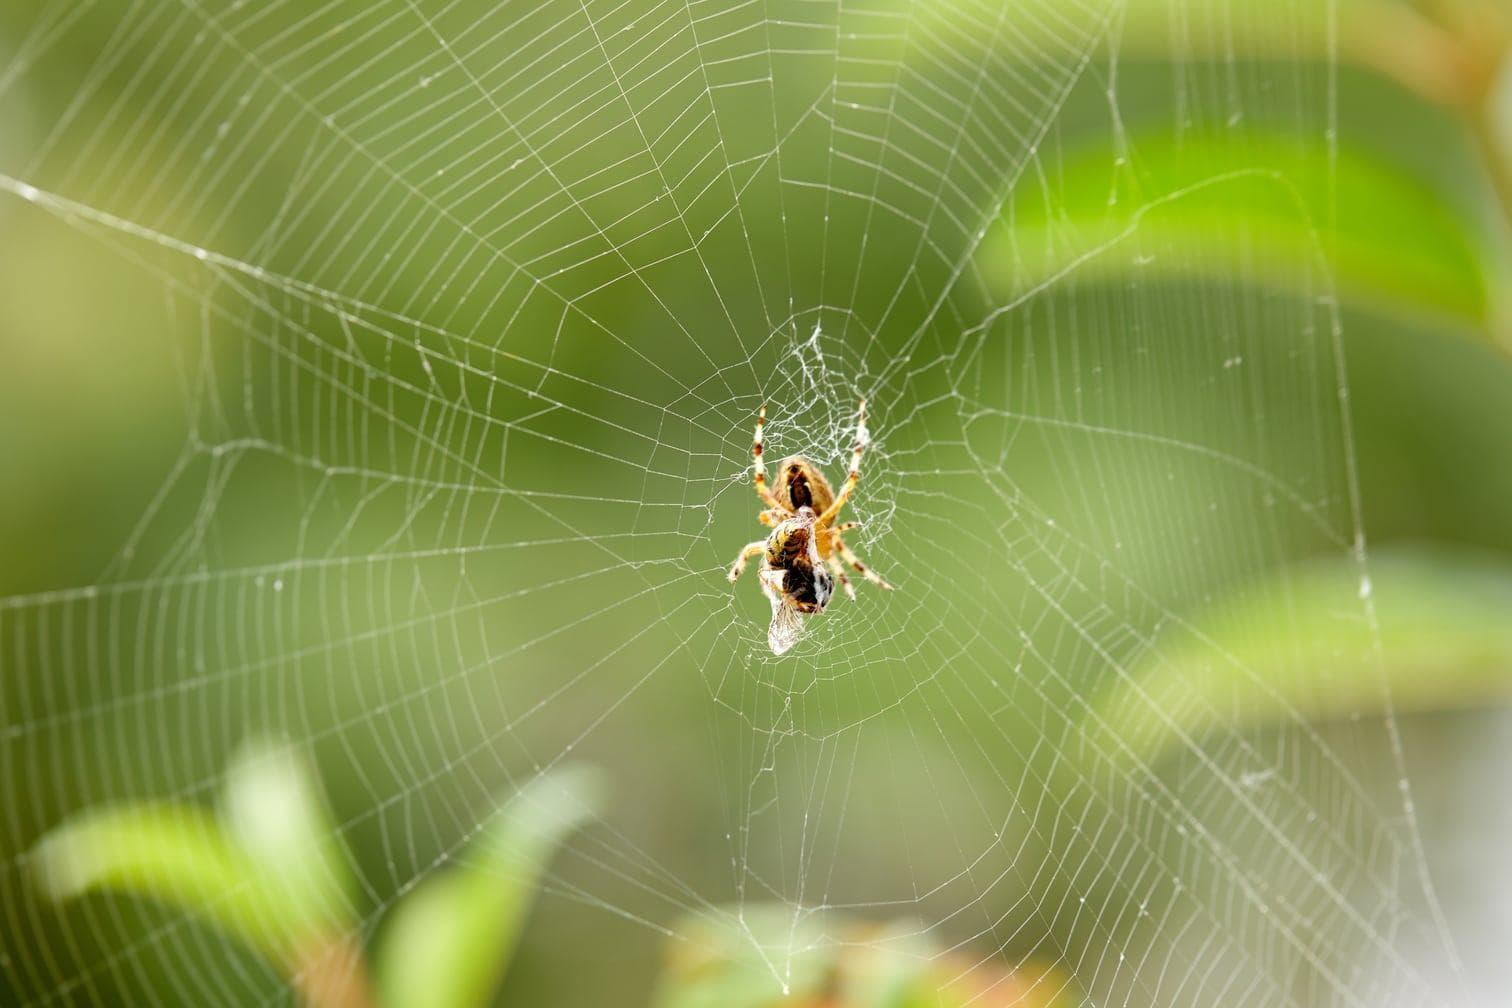 <p>Wie wirkt sich die Einnahme von Drogen auf eine Spinne beim Netzbau aus? Eine spannende Frage